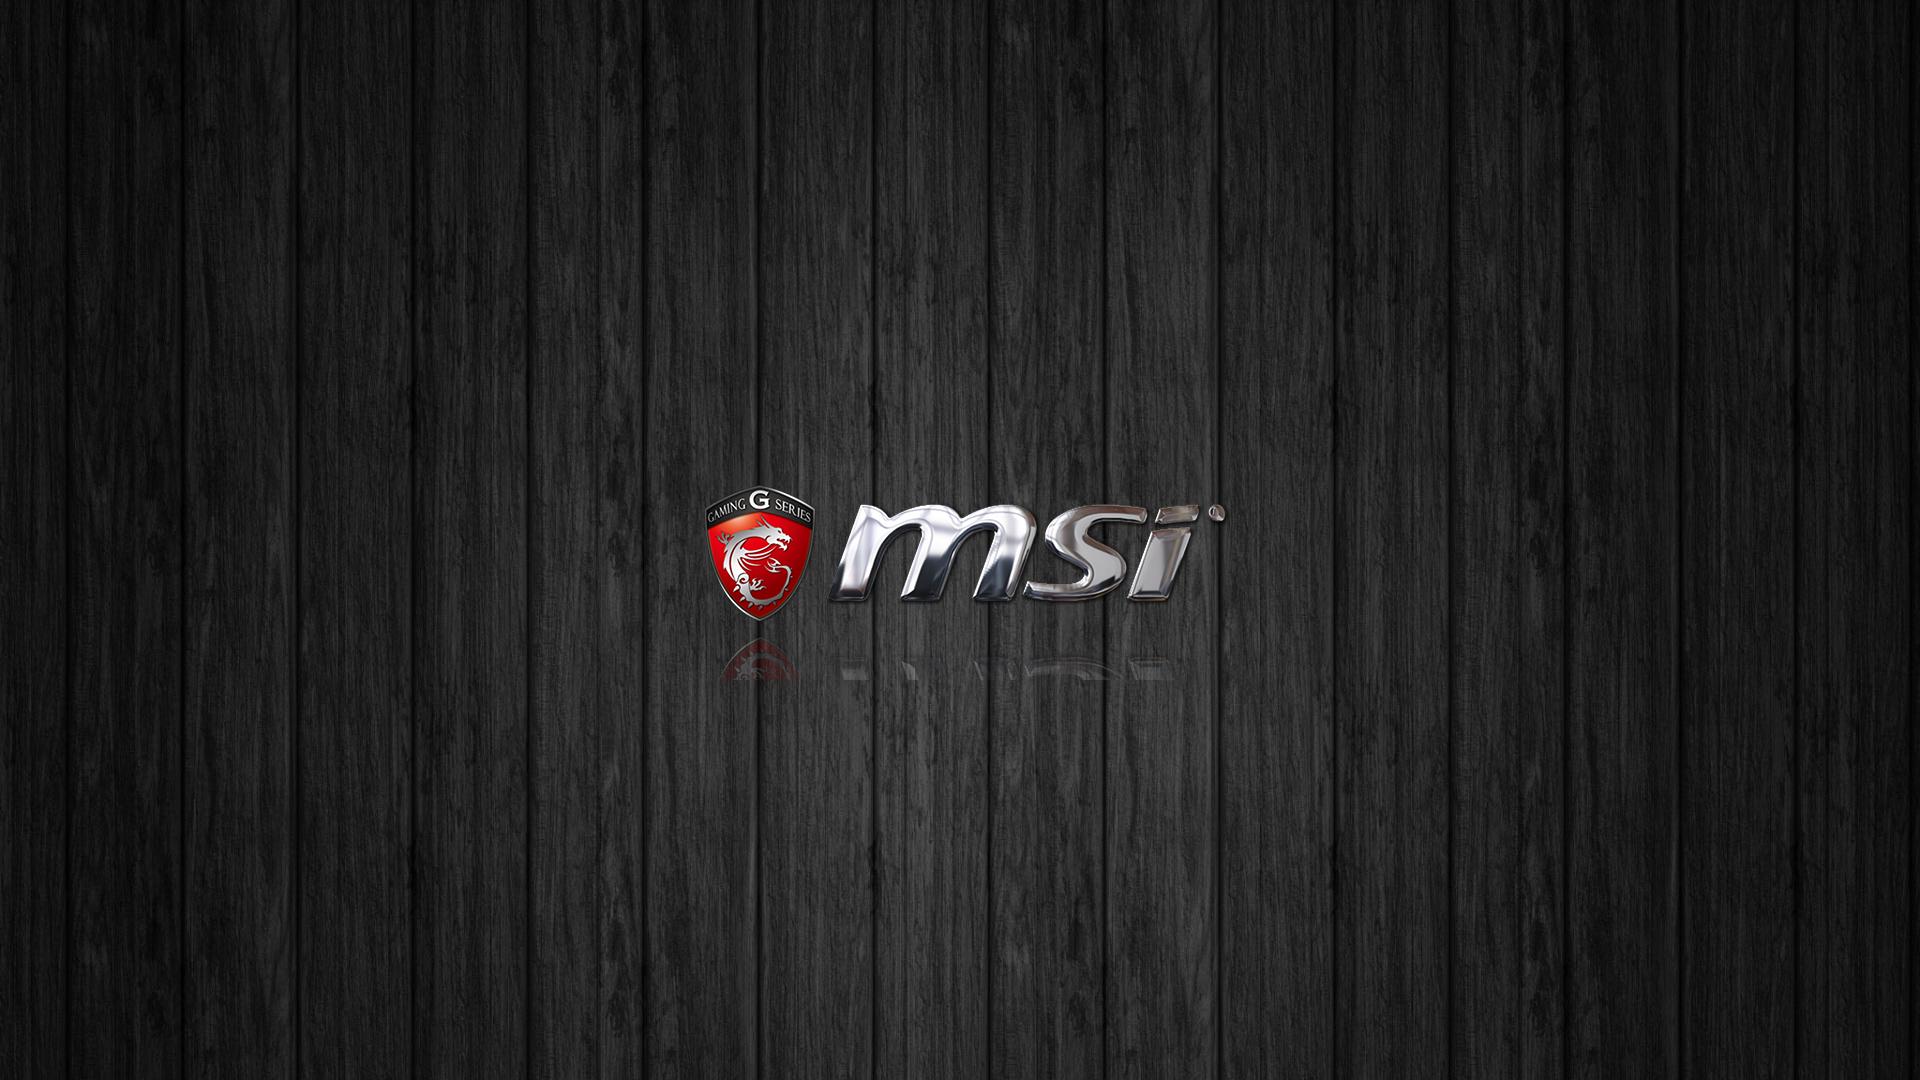 Msi desktop wallpaper media file pixelstalk view image larger and download voltagebd Gallery